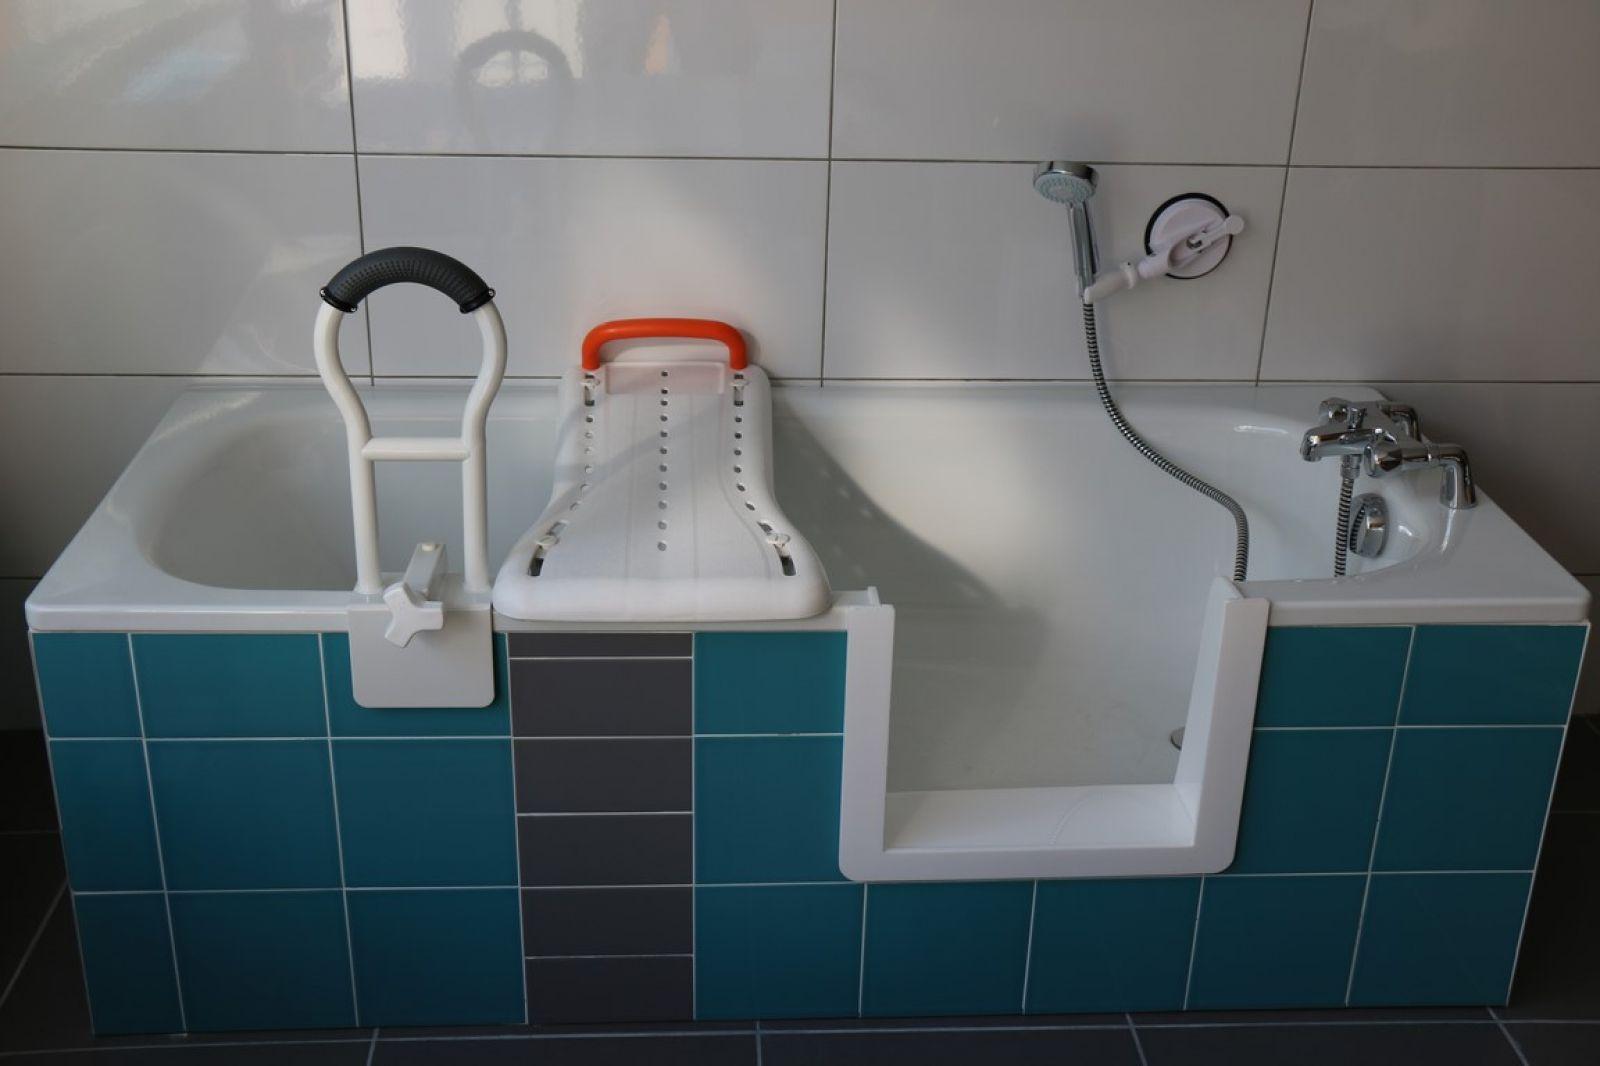 installer une baignoire a porte au rez de chauss e bordeaux sobain. Black Bedroom Furniture Sets. Home Design Ideas